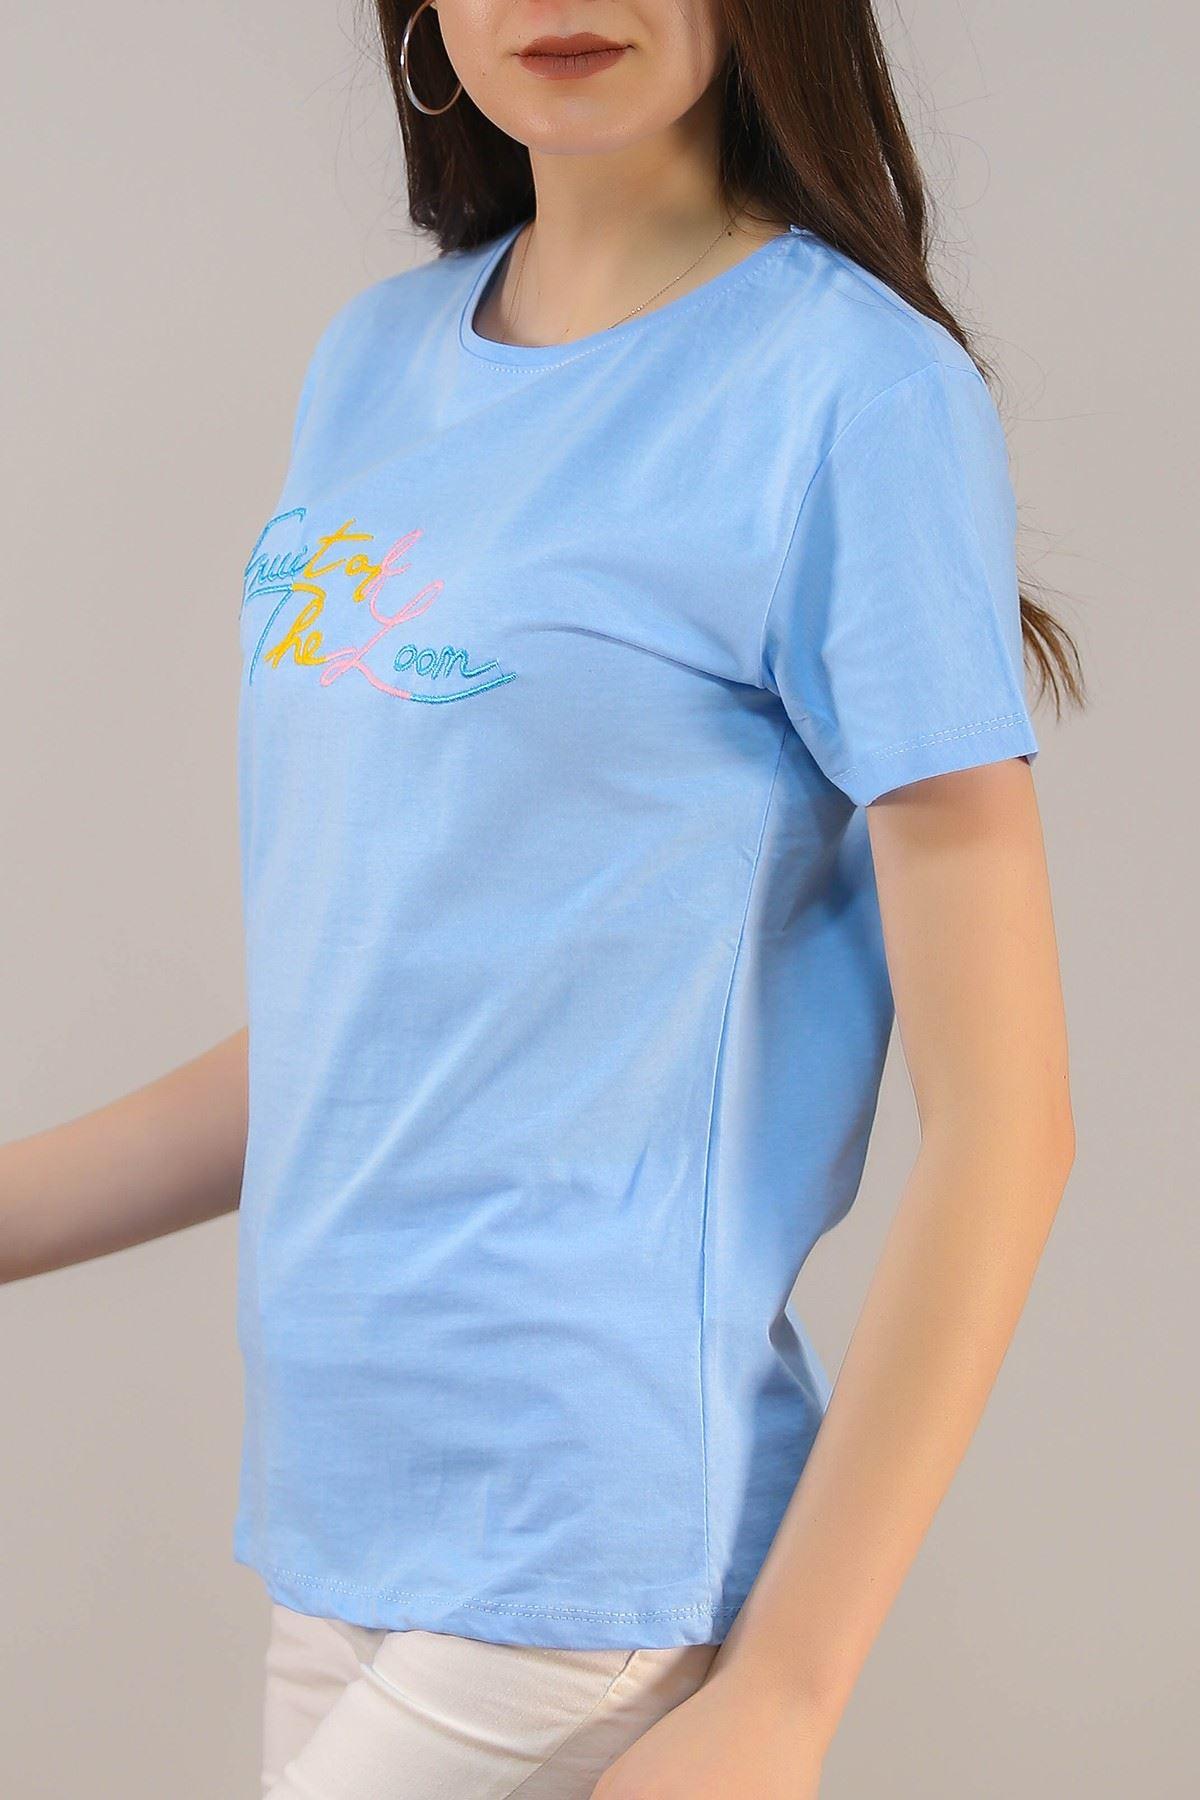 Nakışlı Tişört Bebemavi - 4997.336.